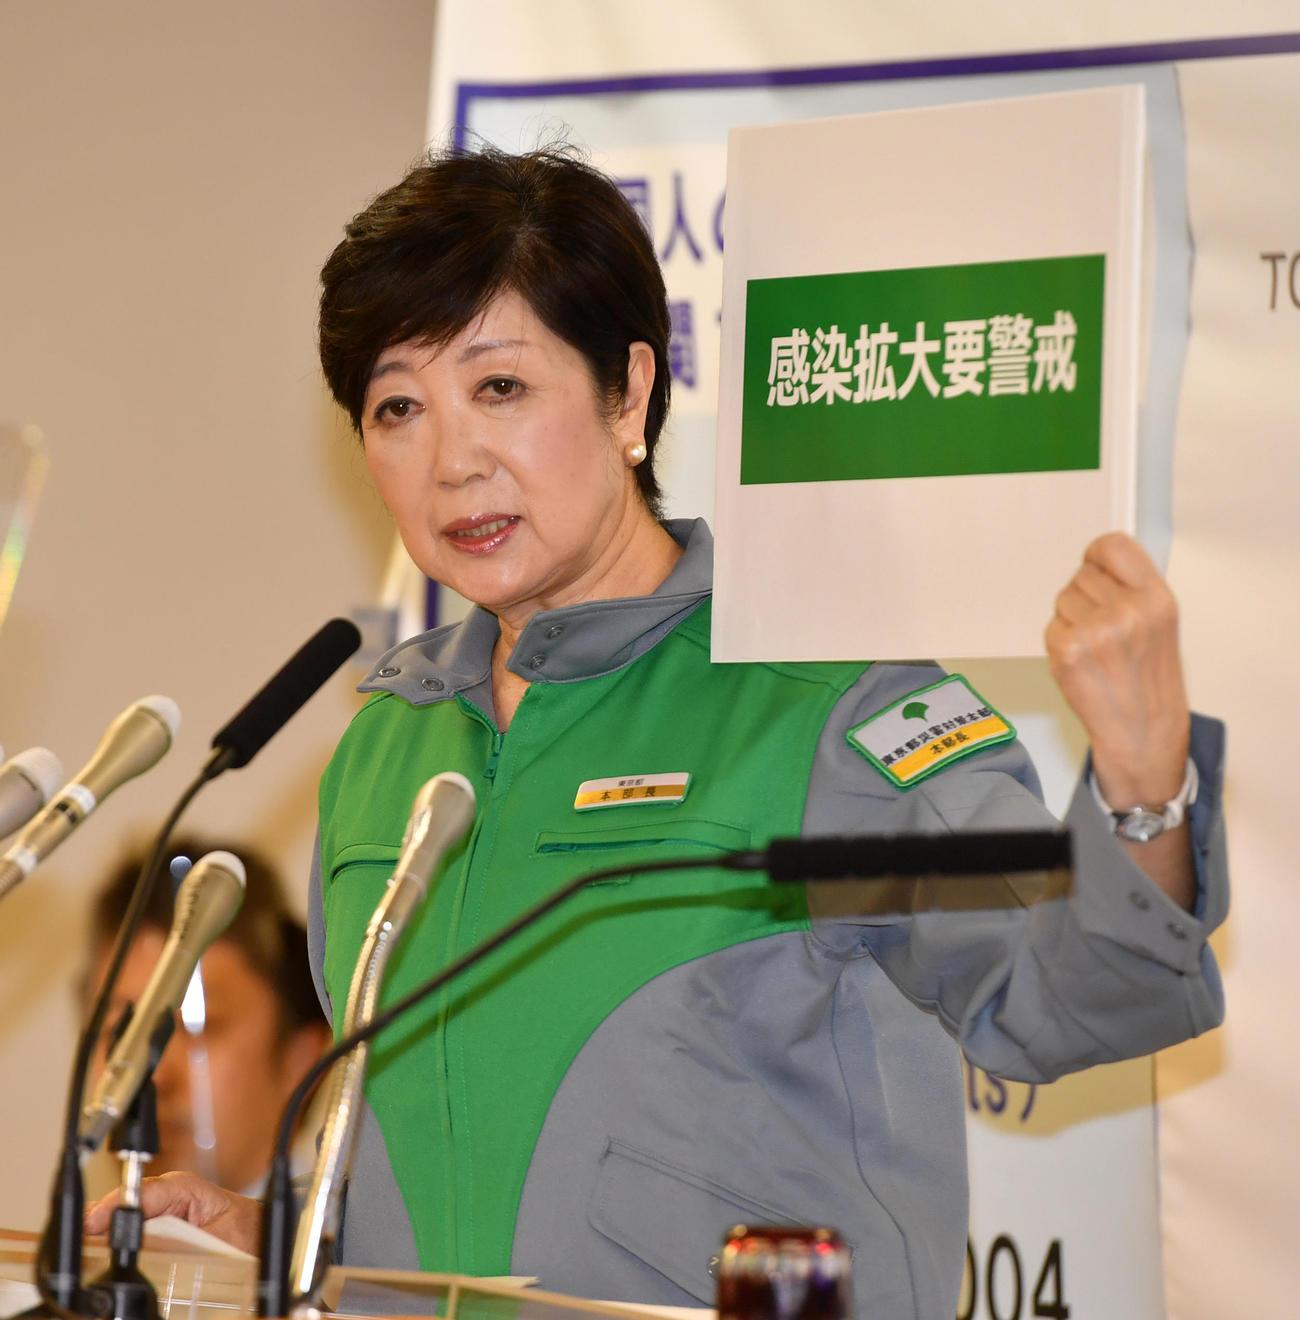 東京で新規感染者が107人報告され緊急会見する小池百合子都知事(撮影・柴田隆二)